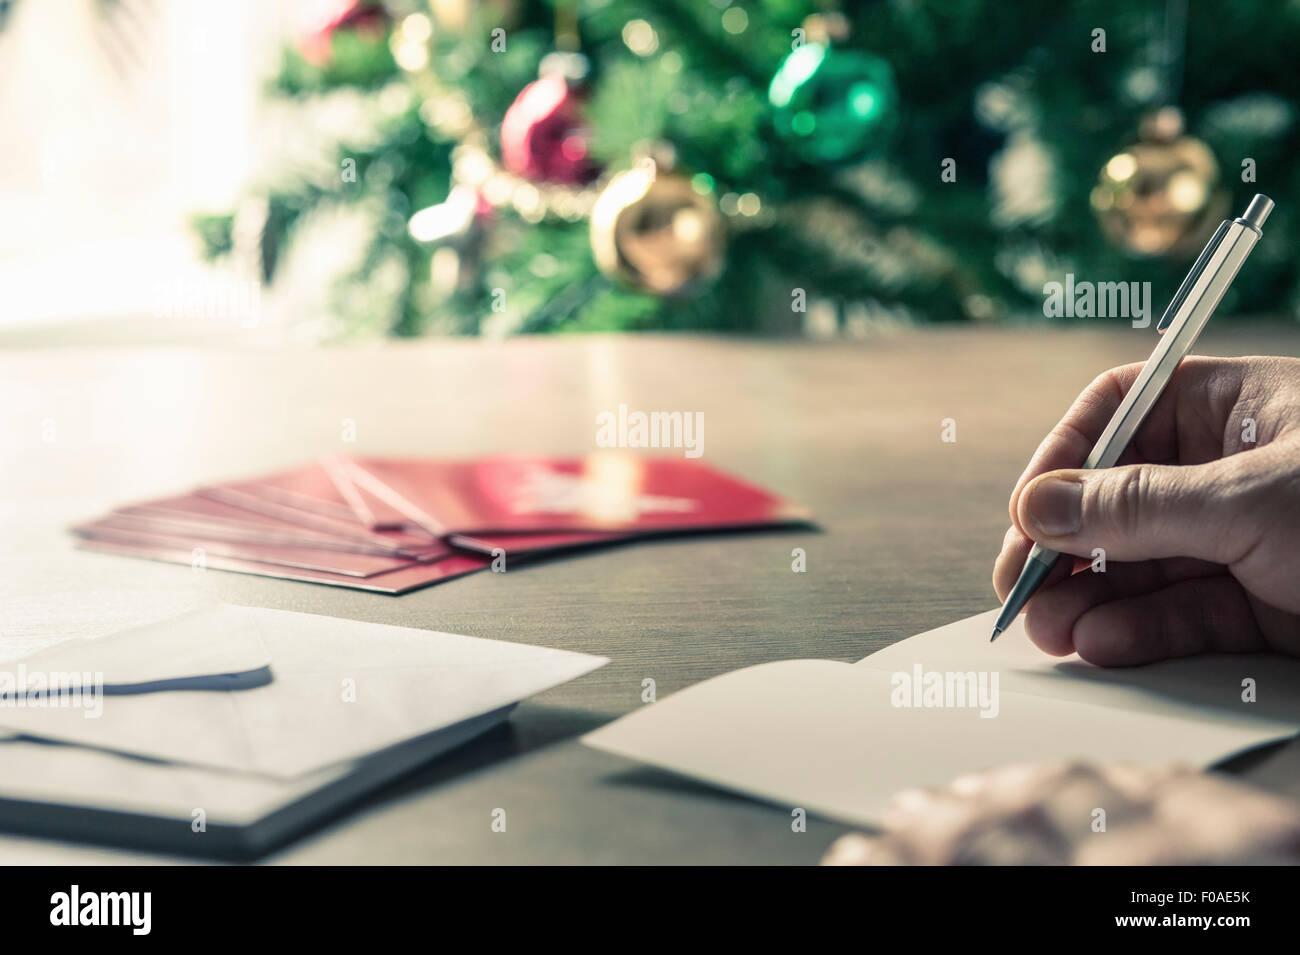 Personne qui écrit des cartes de Noël Photo Stock